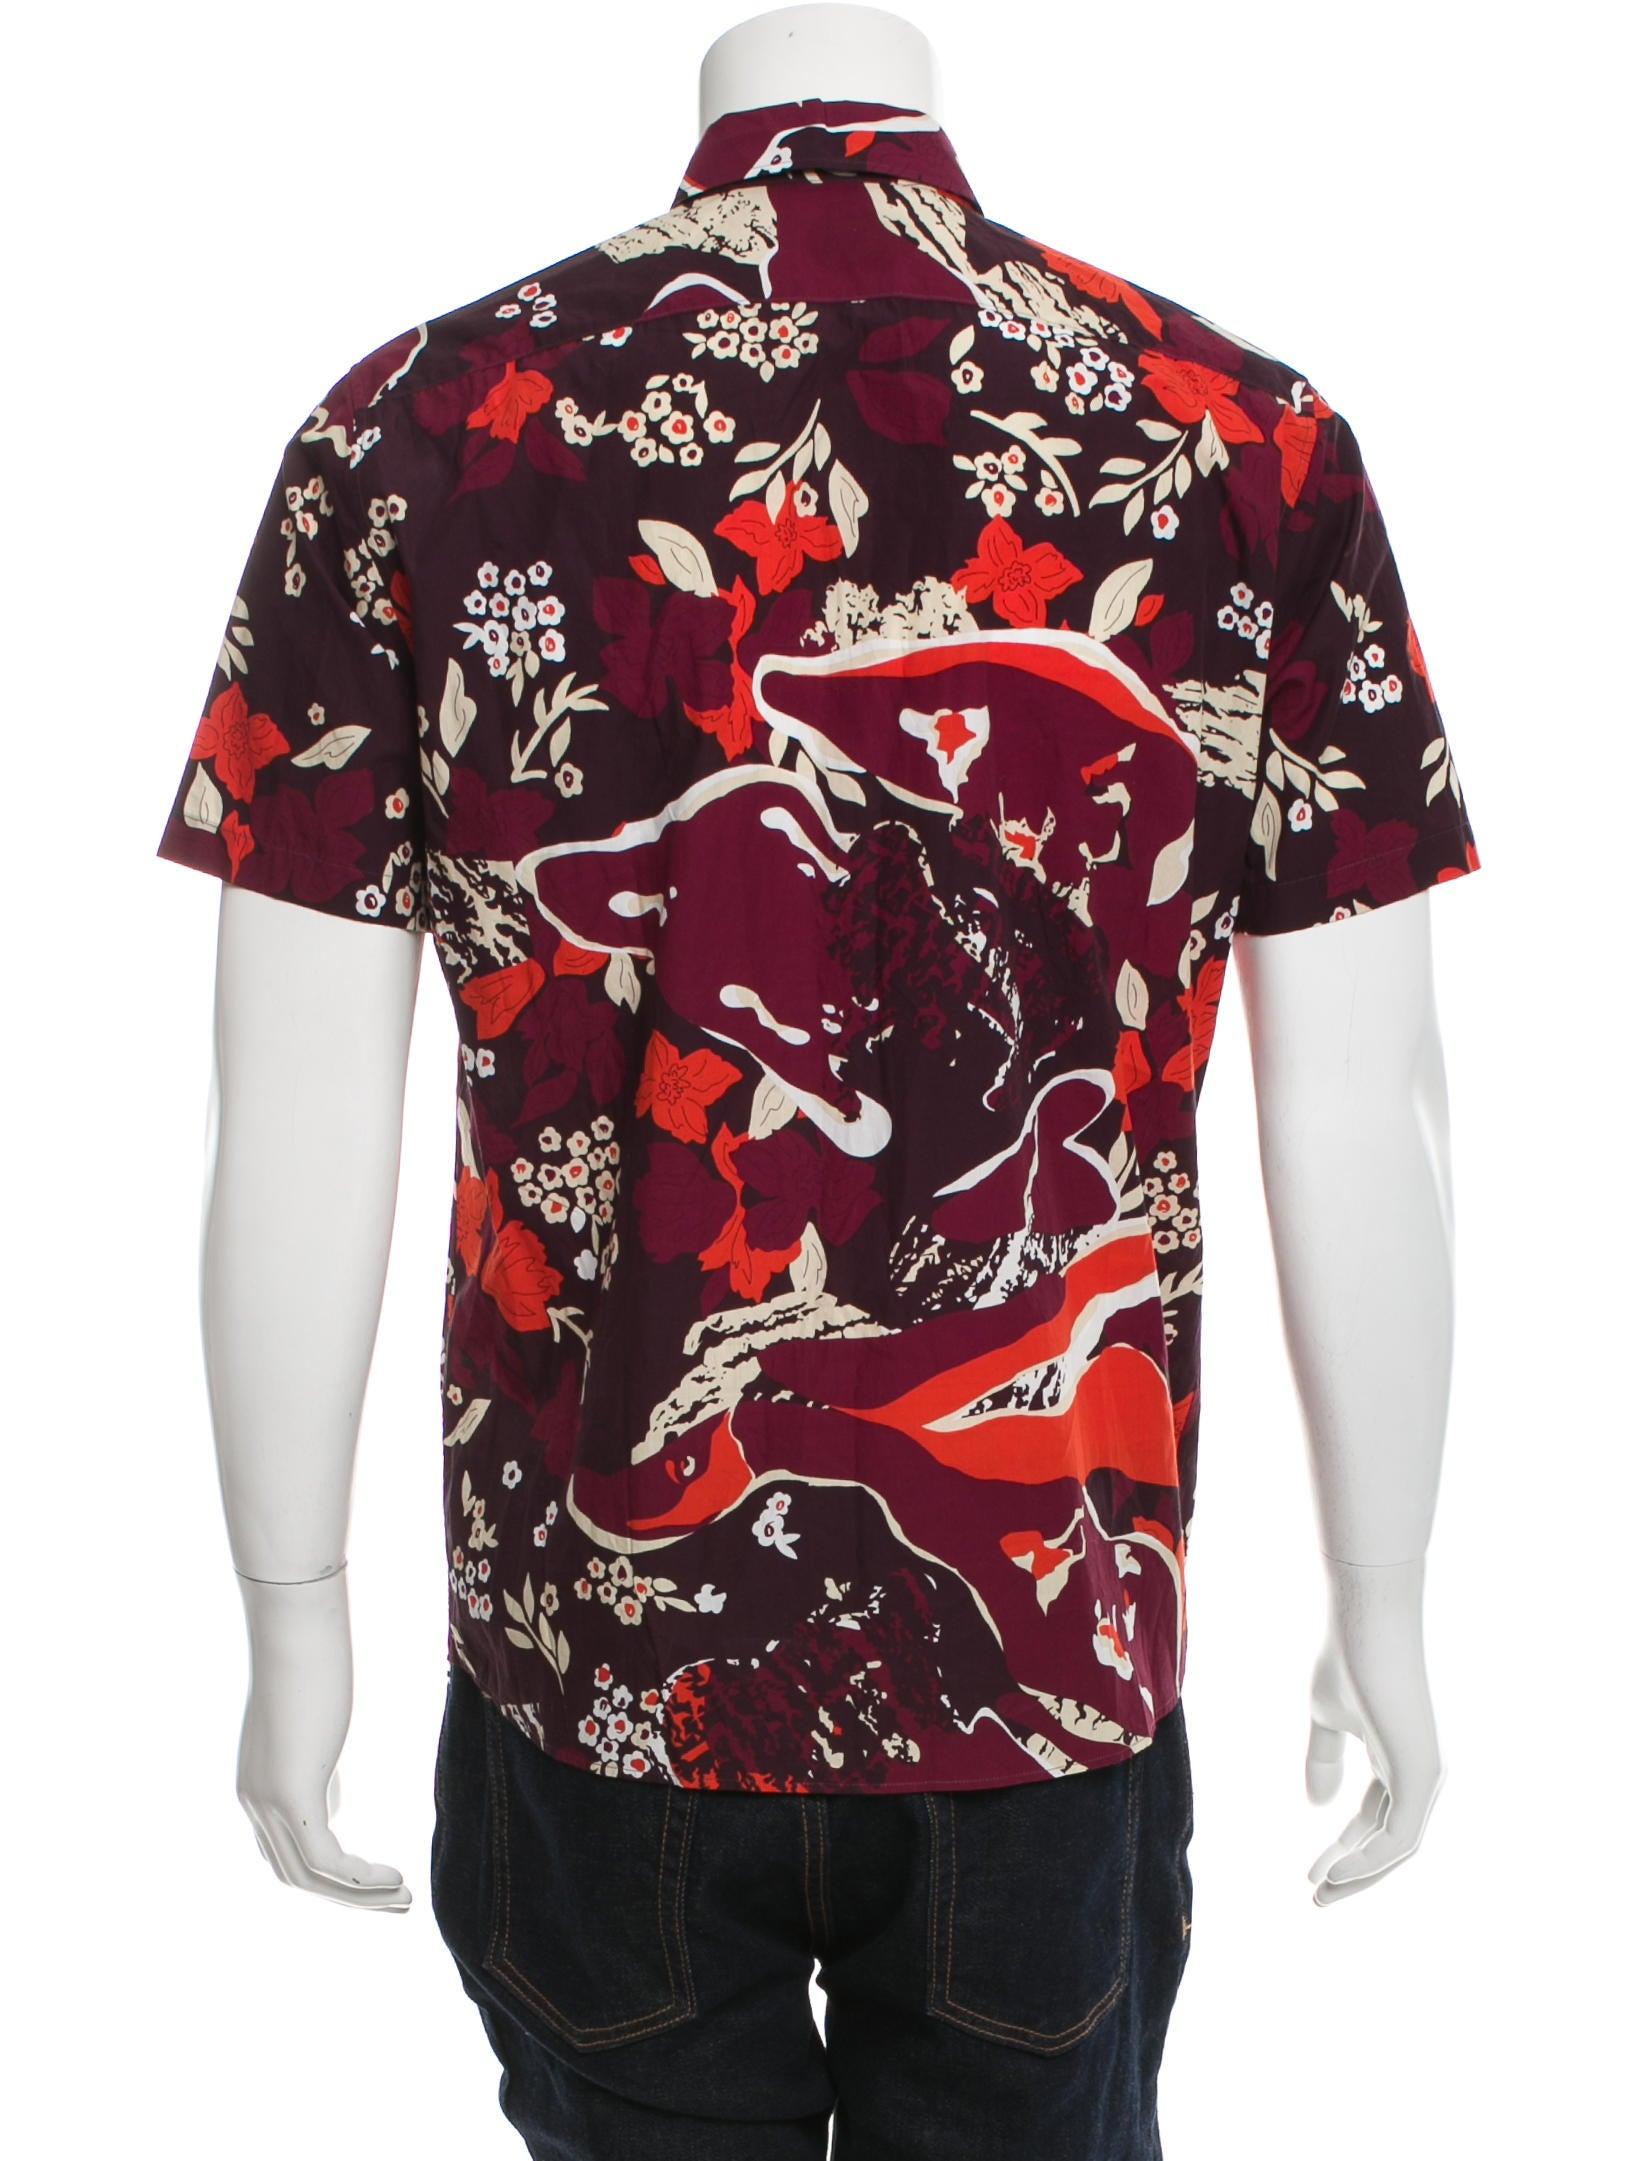 Burberry prorsum floral print button up shirt clothing for Floral print button up shirt